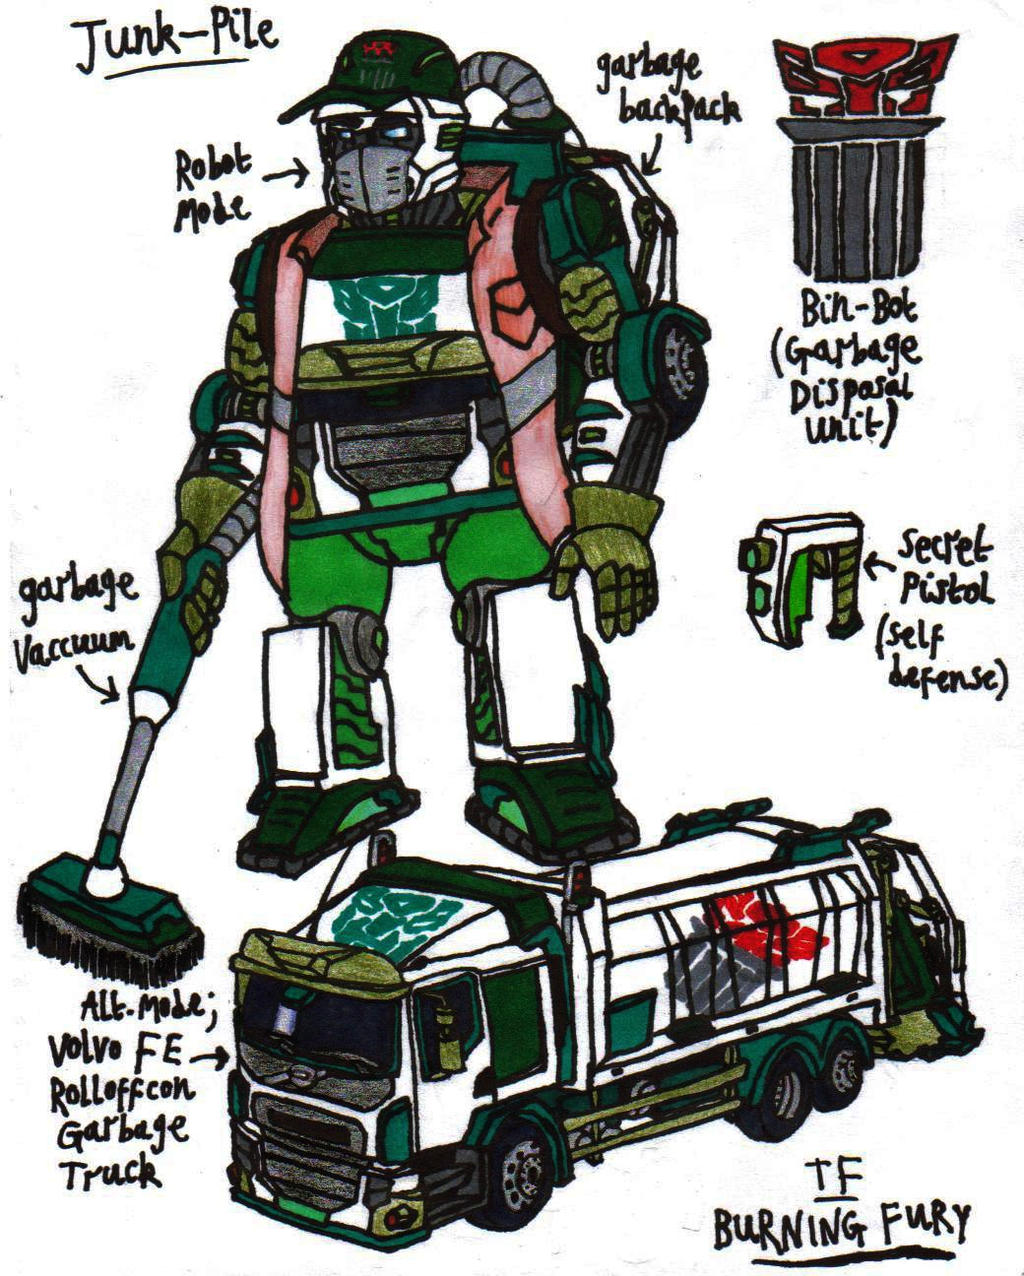 Transformers Burning Fury Junk Pile By Krytenmarkgen 0